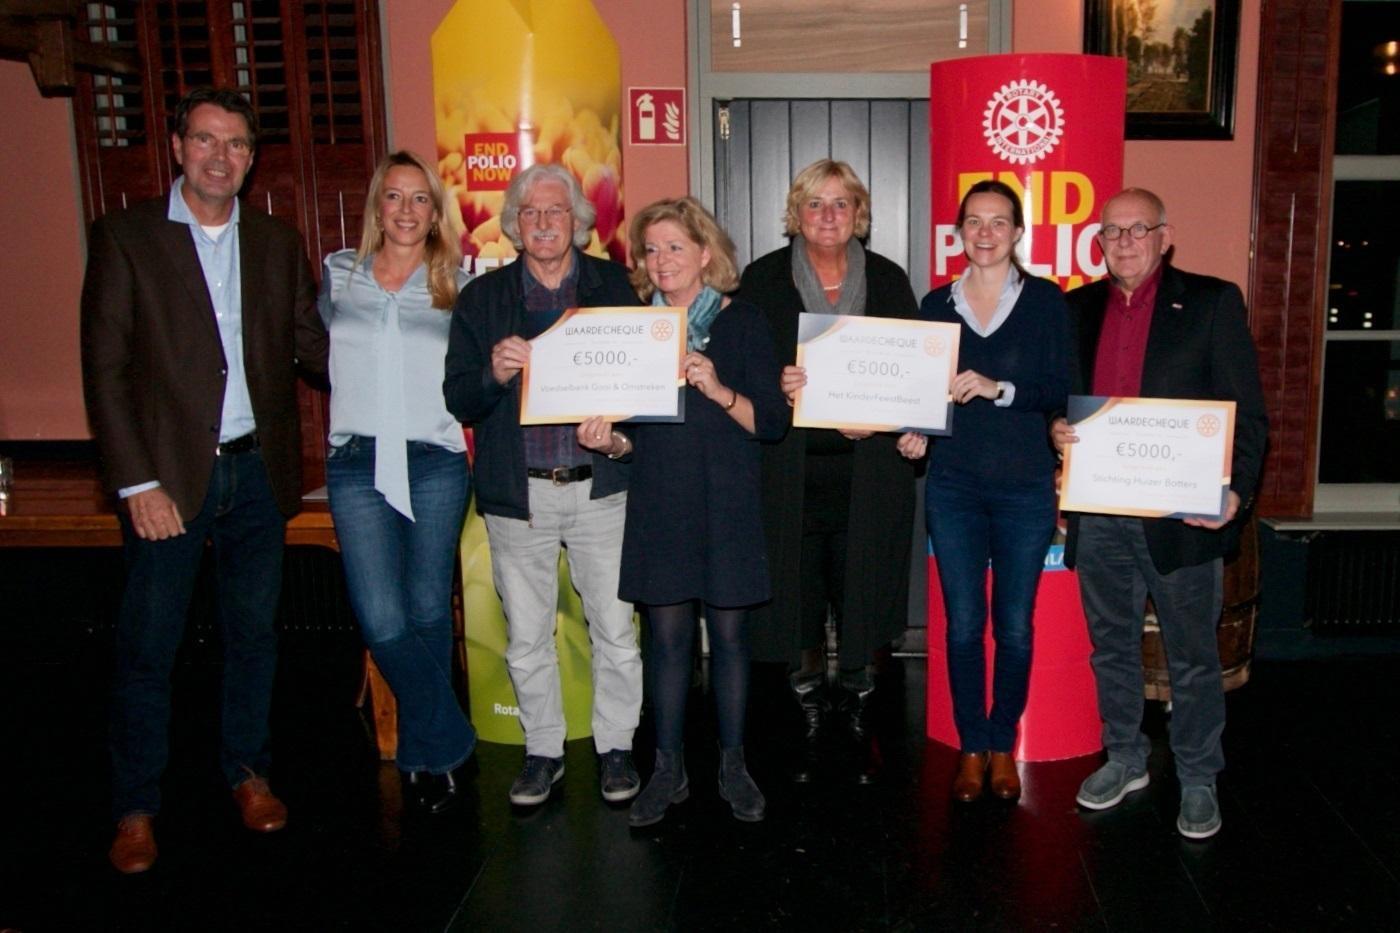 Rotary Huizen steunt drie goede doelen met elk 5000 euro: Stichting KinderBeestFeest, Voedselbank Gooi en Omstreken en Stichting Huizer Botters - Noordhollands Dagblad